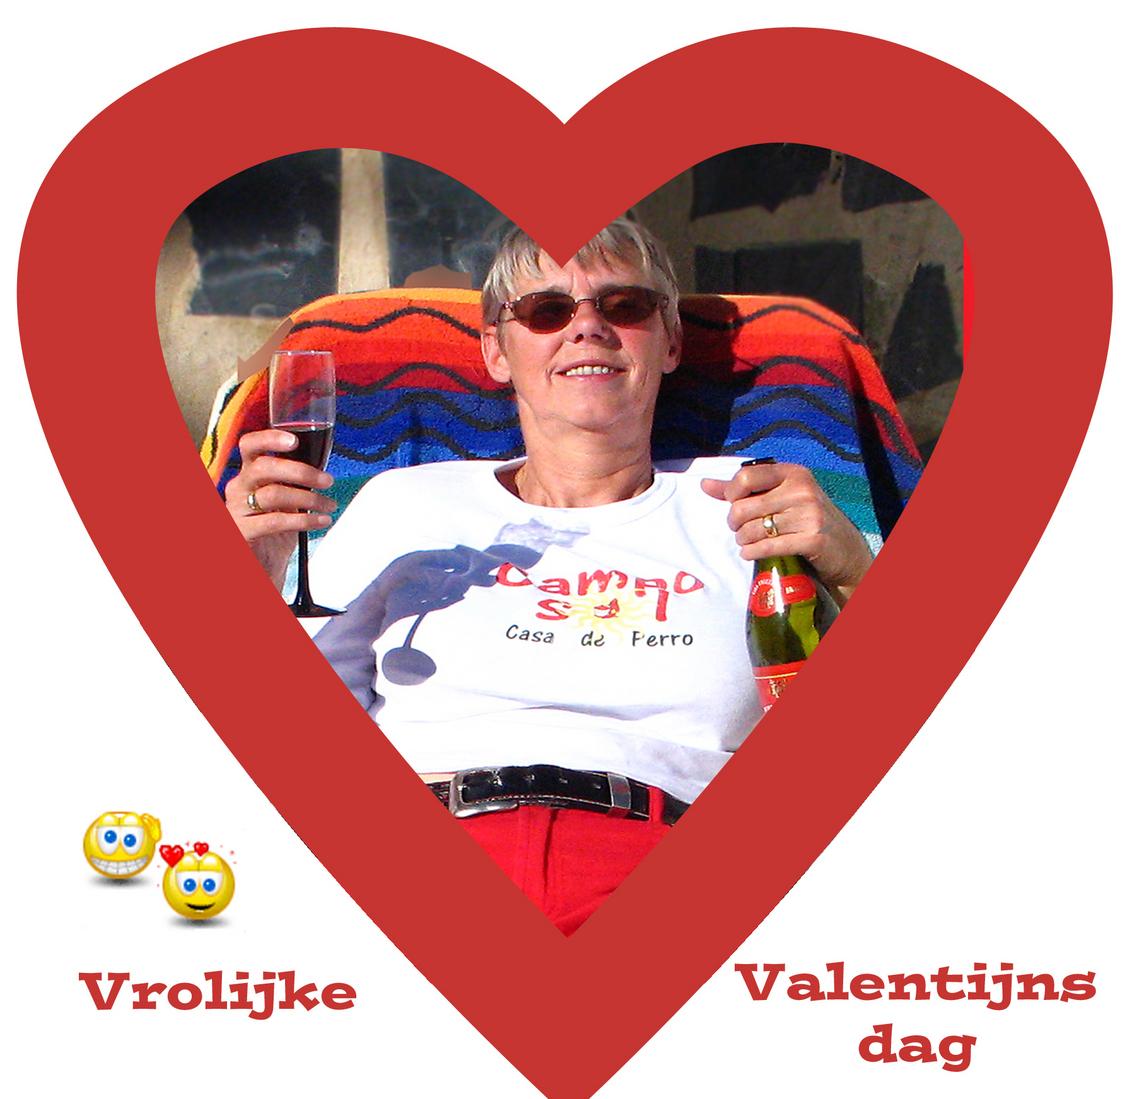 Valentijn - En ik maar poetsen vandaag. :( Wel bij 21 graden:) - foto door Nel Hoetmer op 14-02-2014 - deze foto bevat: portret, spanje, nel